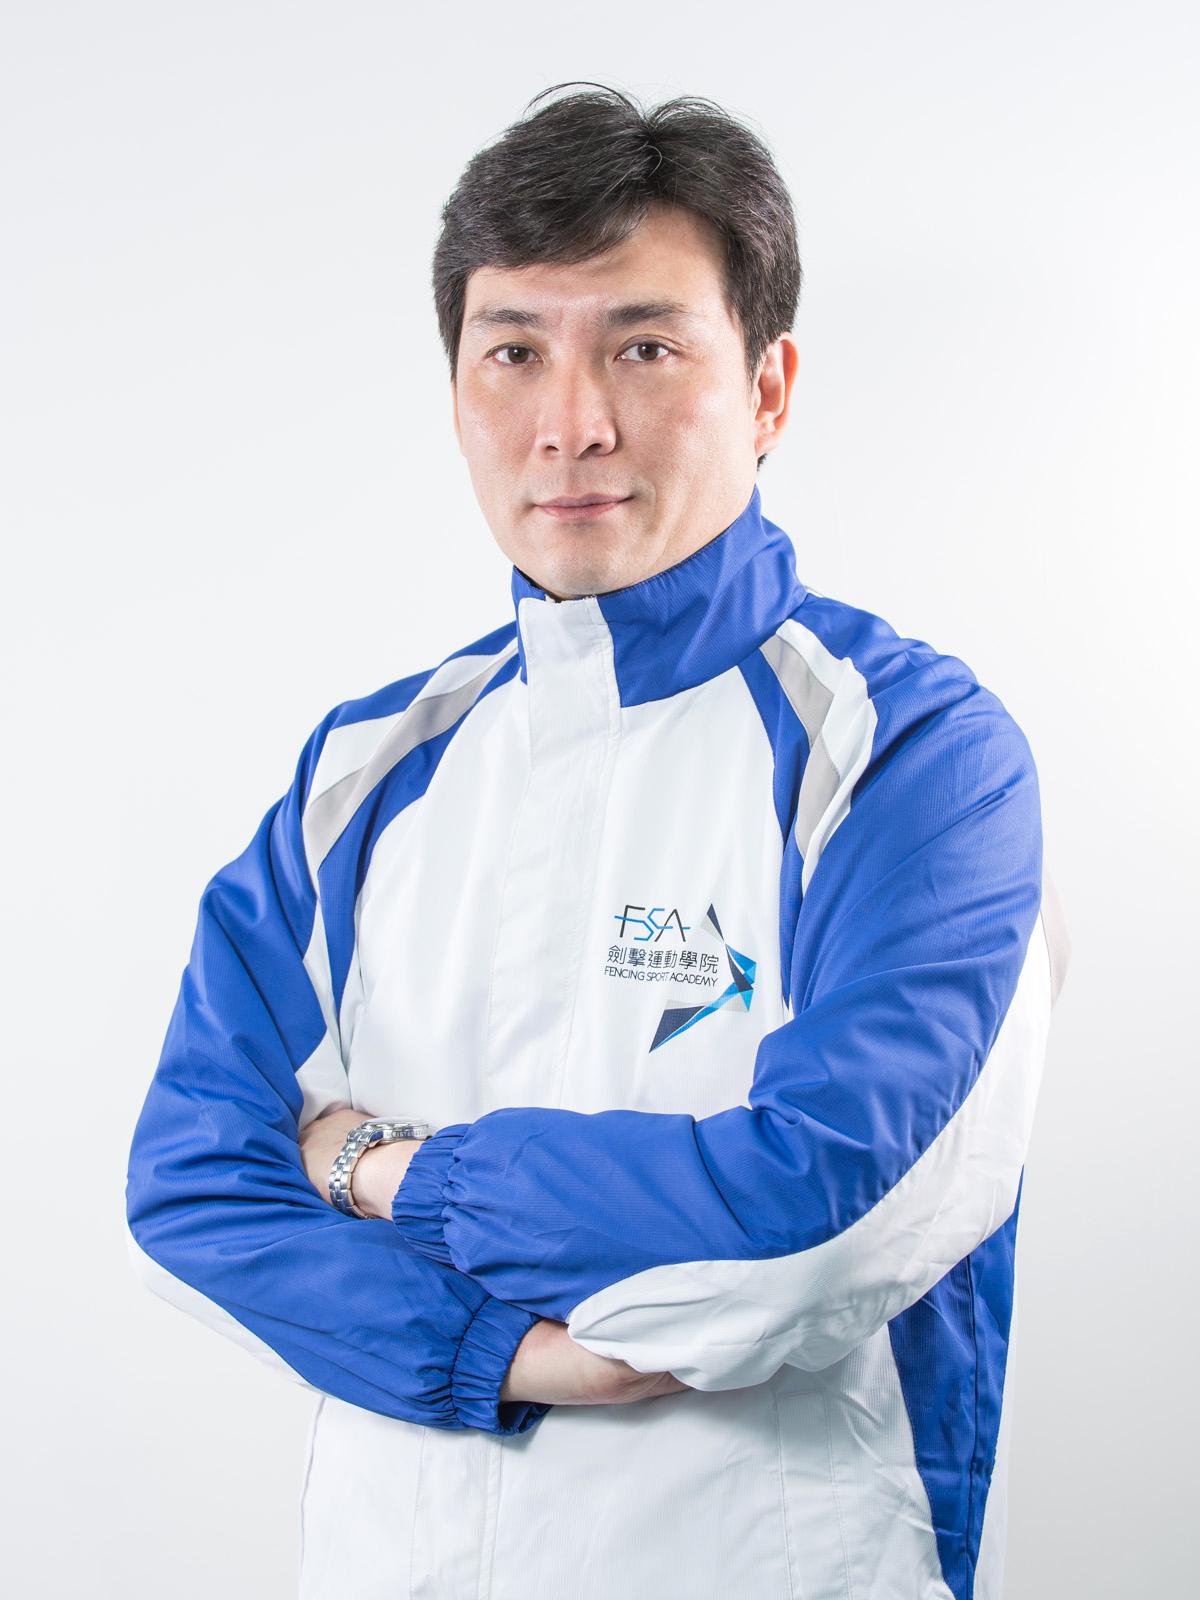 Zheng Kang Zhao